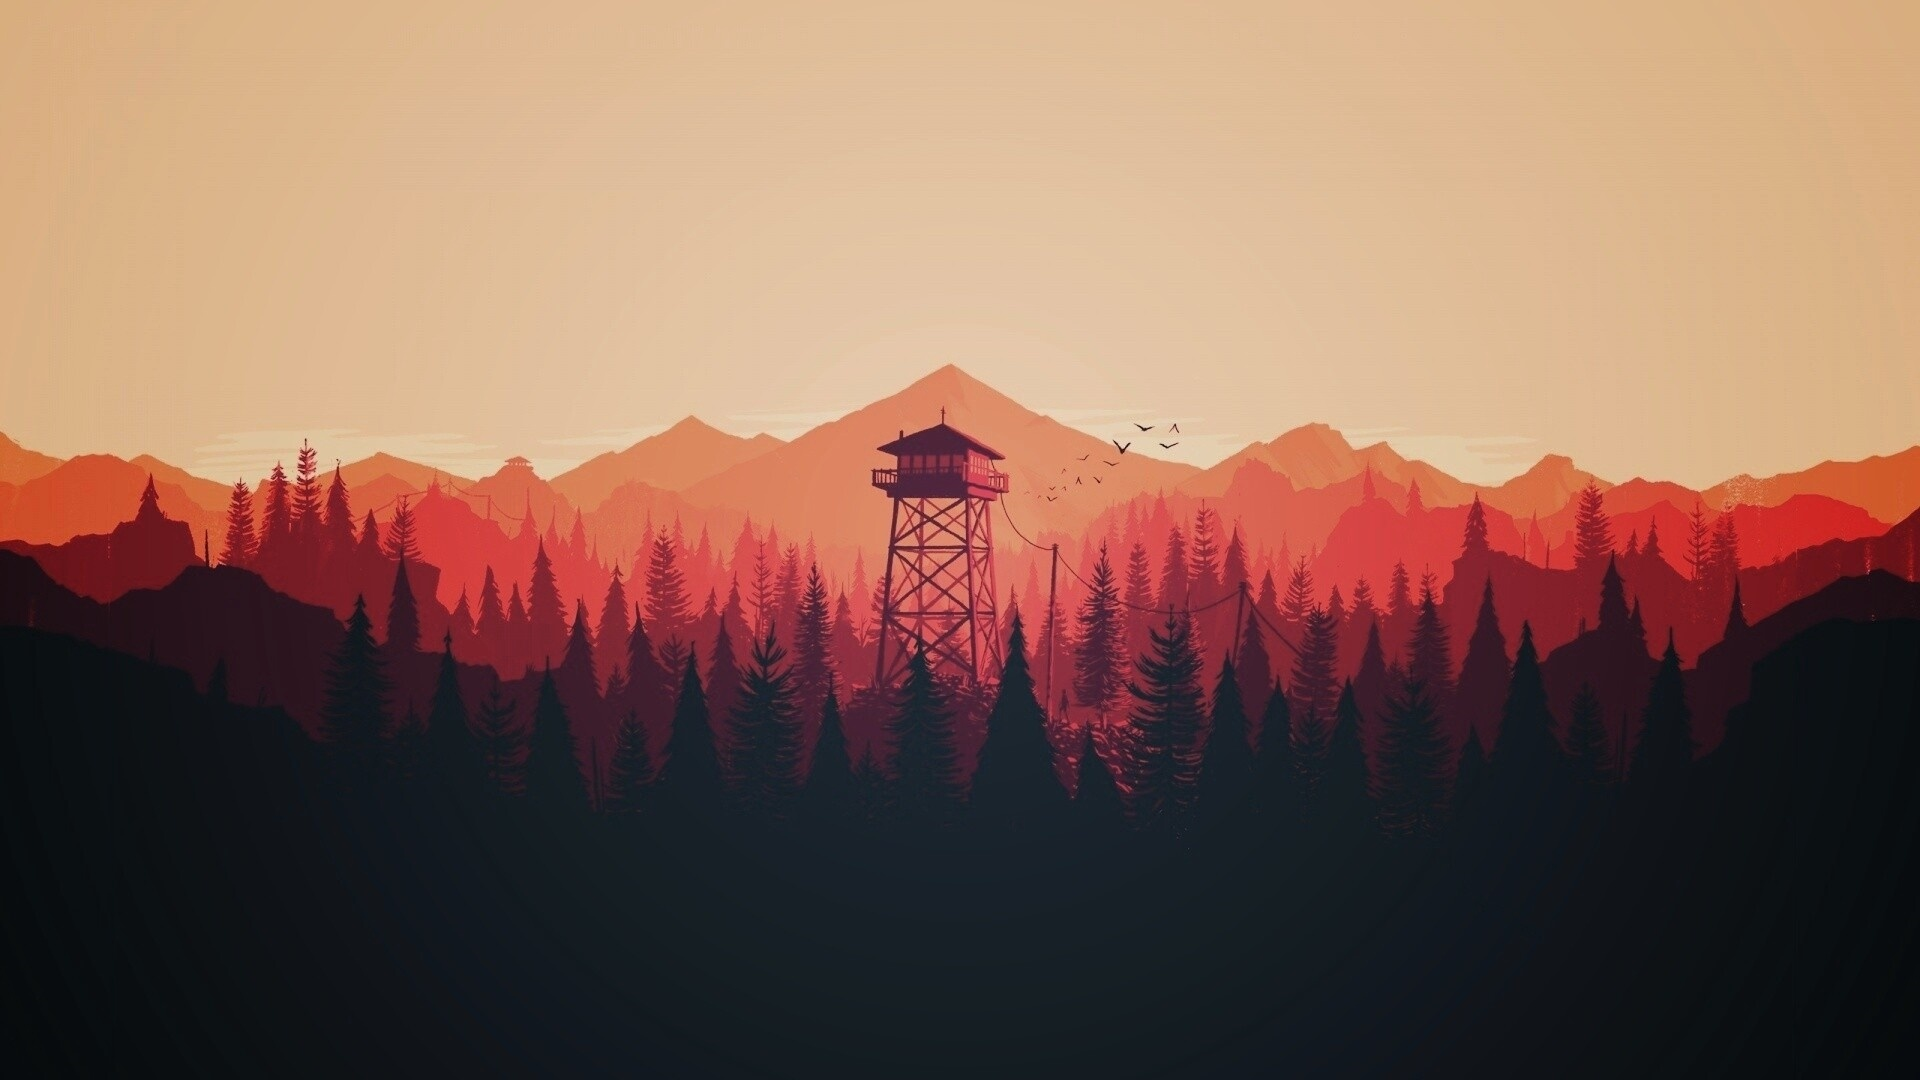 Firewatch best background